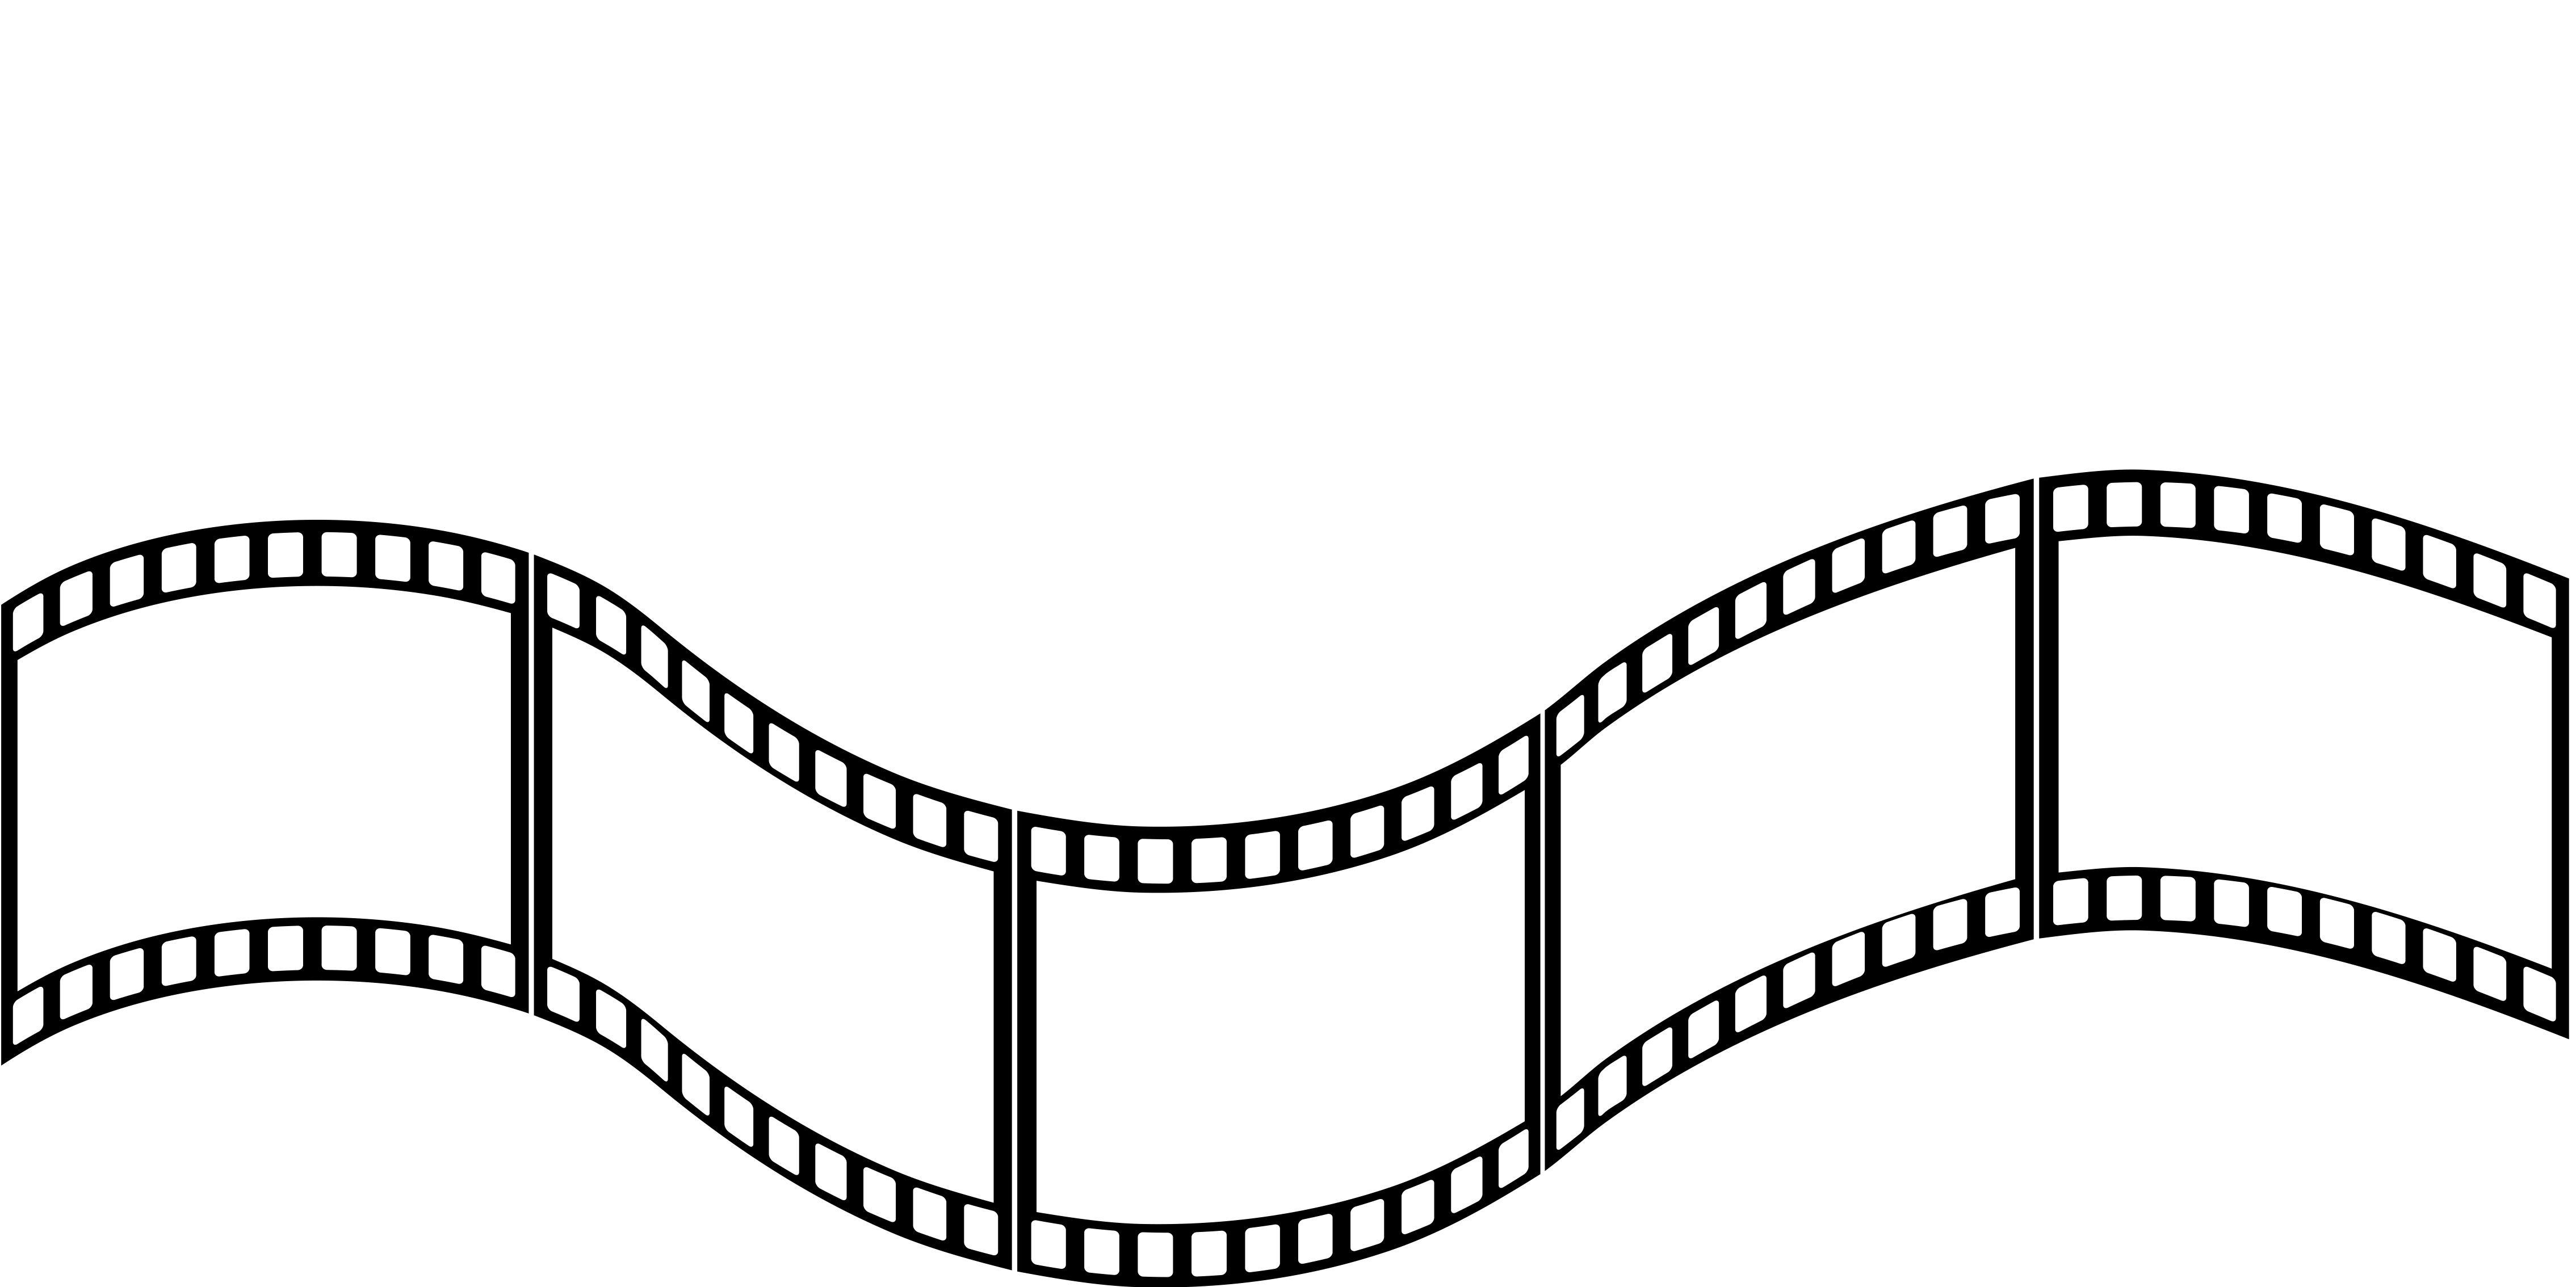 Film clipart film real. Pin by melanie van